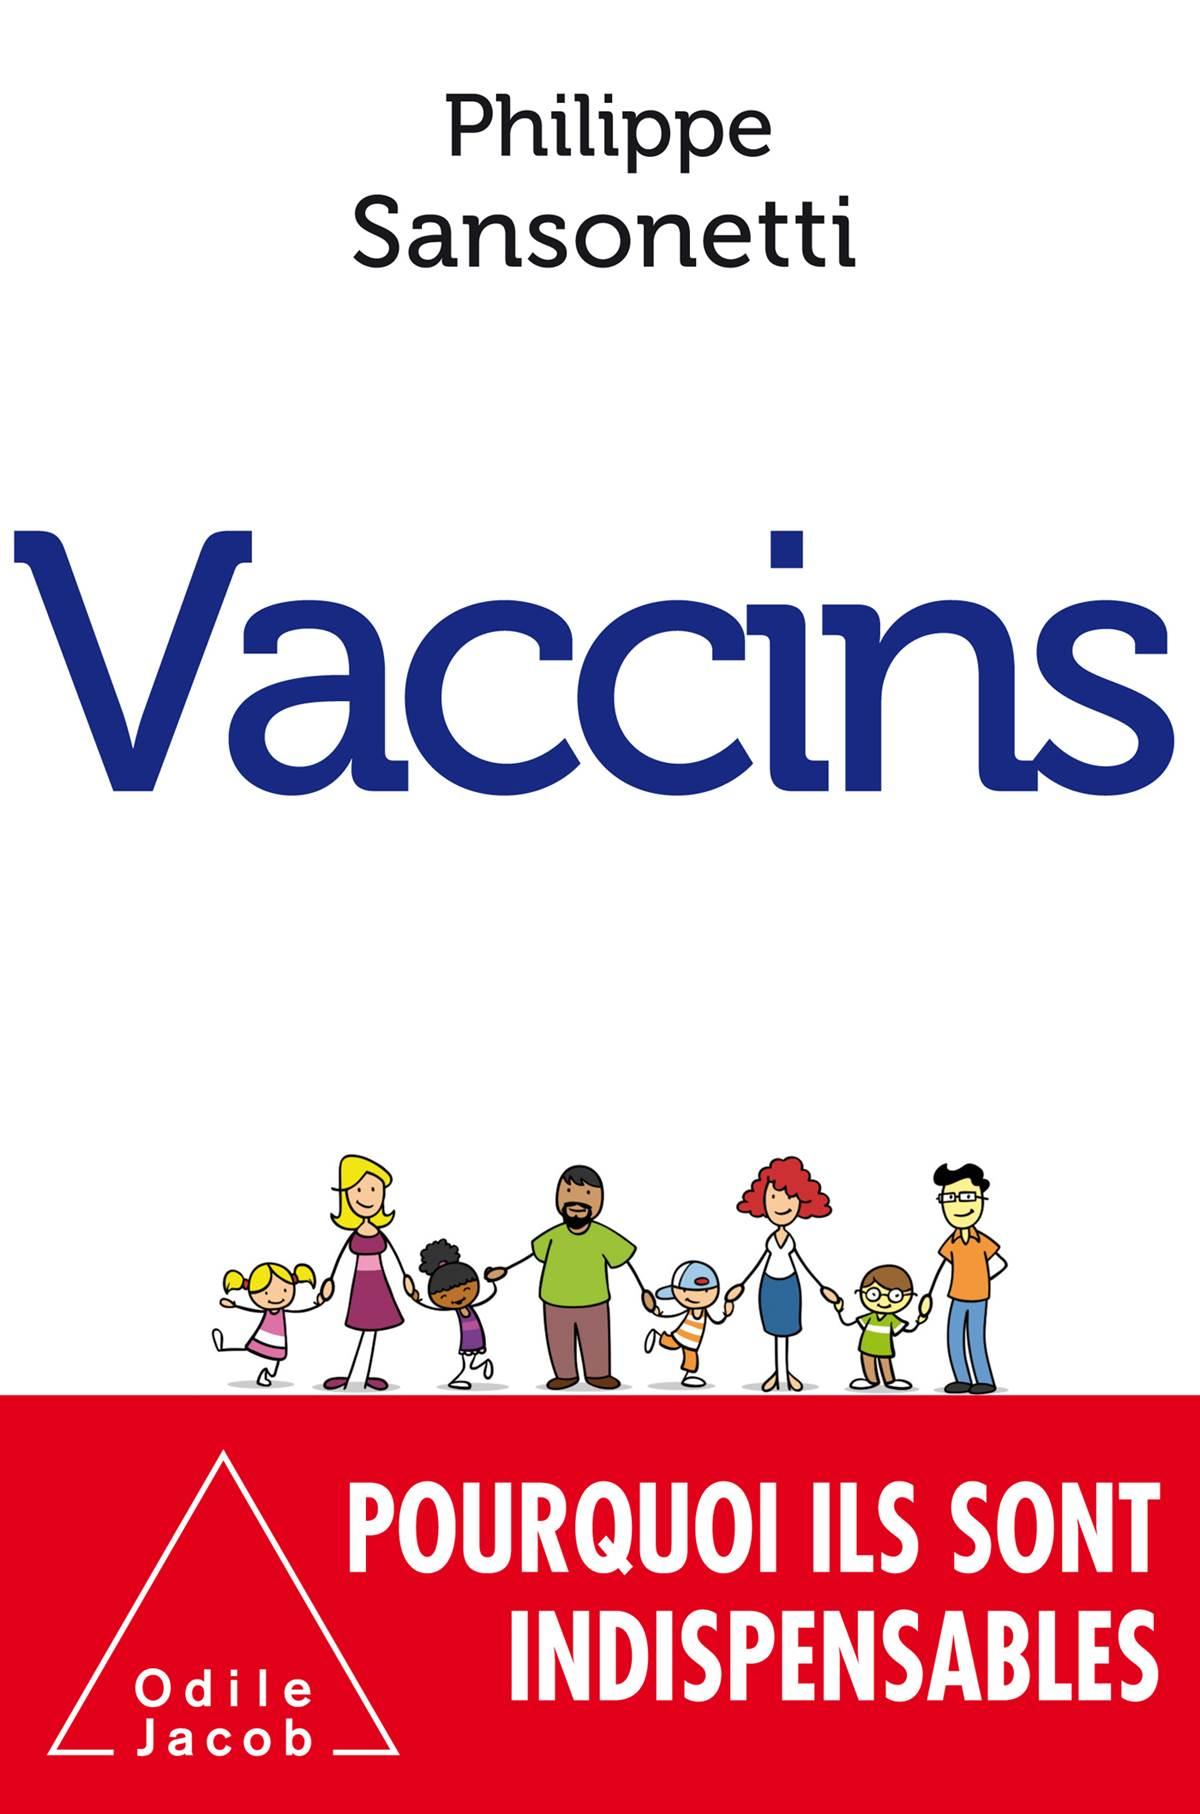 Couv Vaccins Philippe Sansonetti